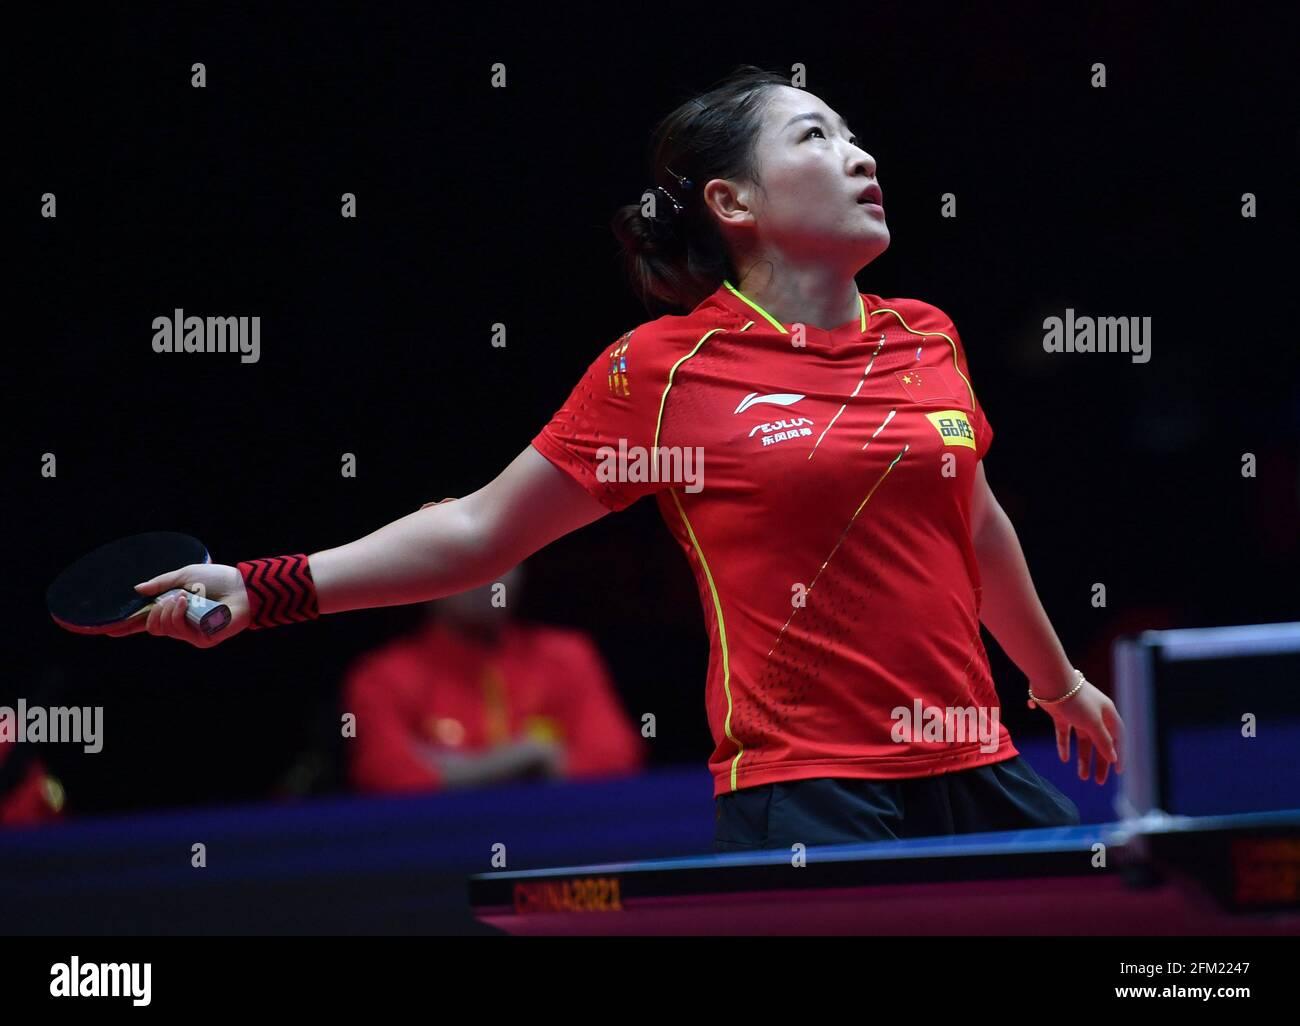 Xinxiang, province chinoise du Henan. 5 mai 2021. Liu Shiwen réagit lors du quart de finale féminin contre Zhu Yuling lors des essais de Grand smashes et de la simulation olympique de WTT (World Table tennis) 2021 à Xinxiang, dans la province de Henan, dans le centre de la Chine, le 5 mai 2021. Credit: Li Jianan/Xinhua/Alamy Live News Banque D'Images